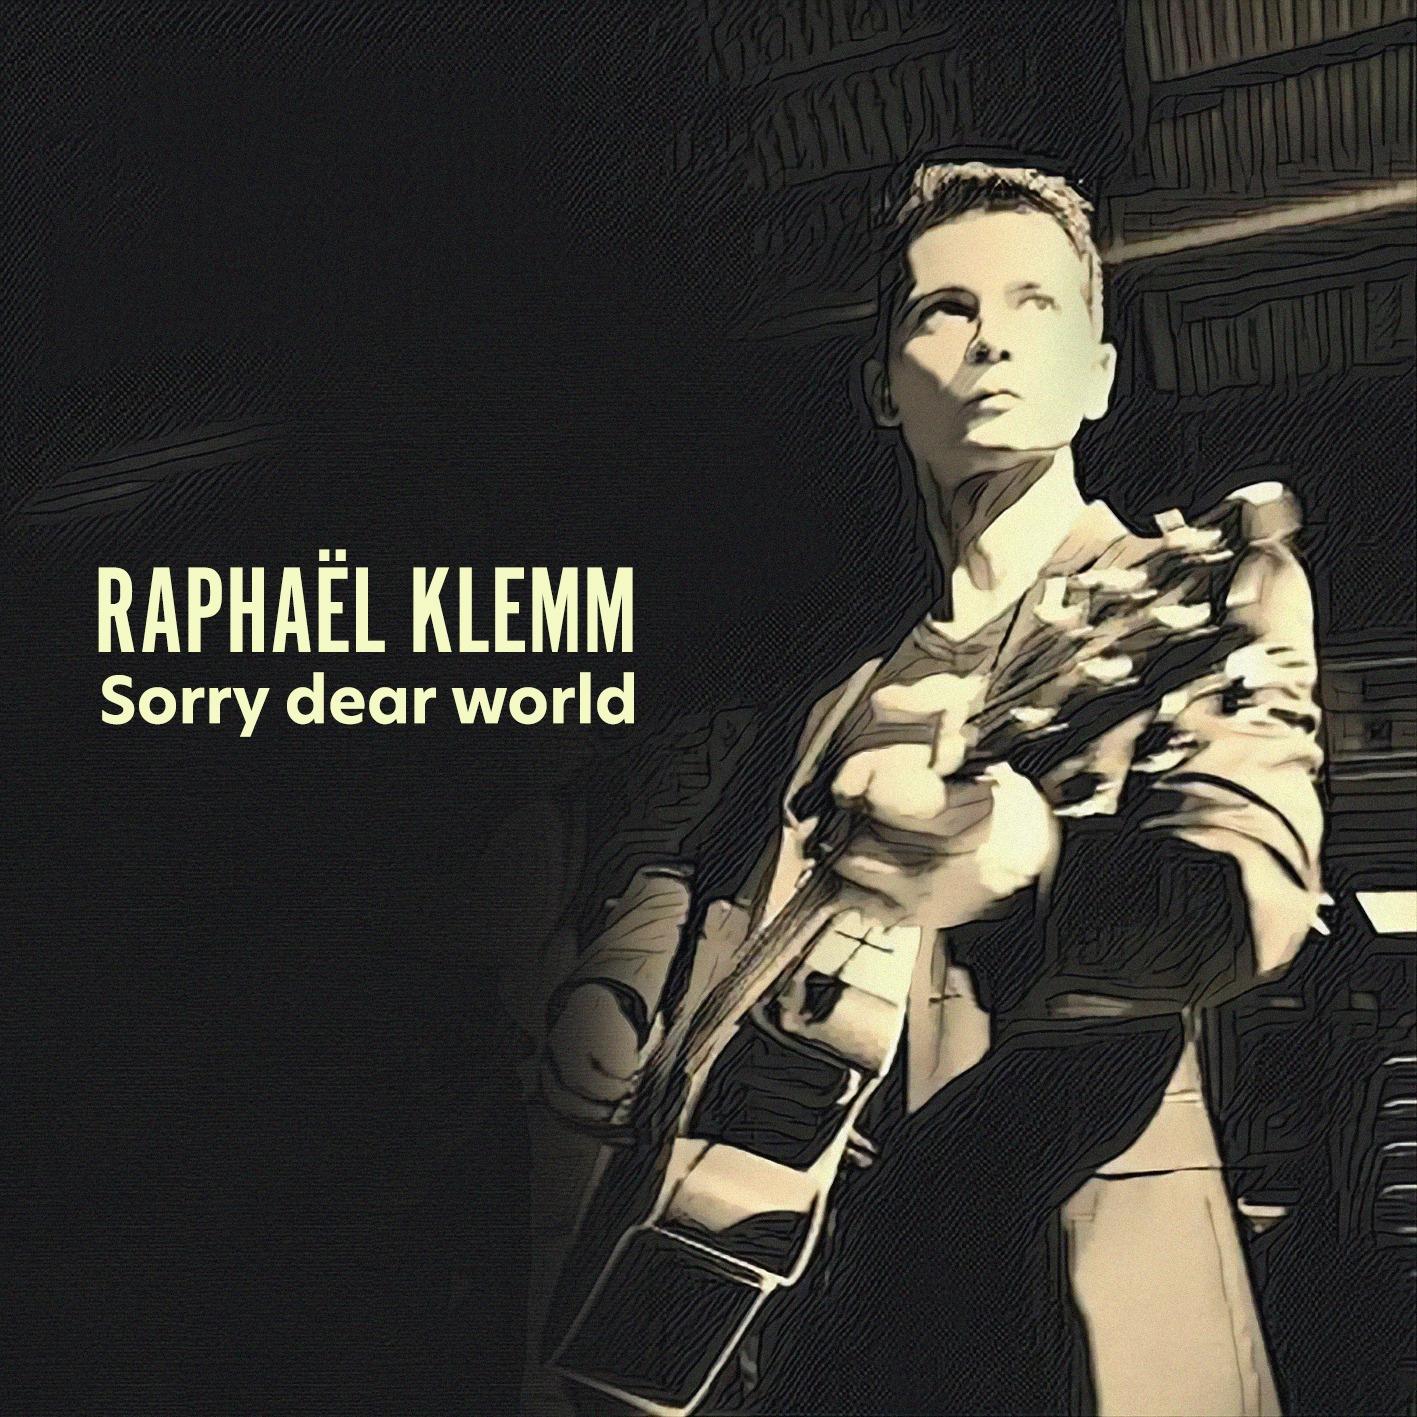 Raphaël Klemm